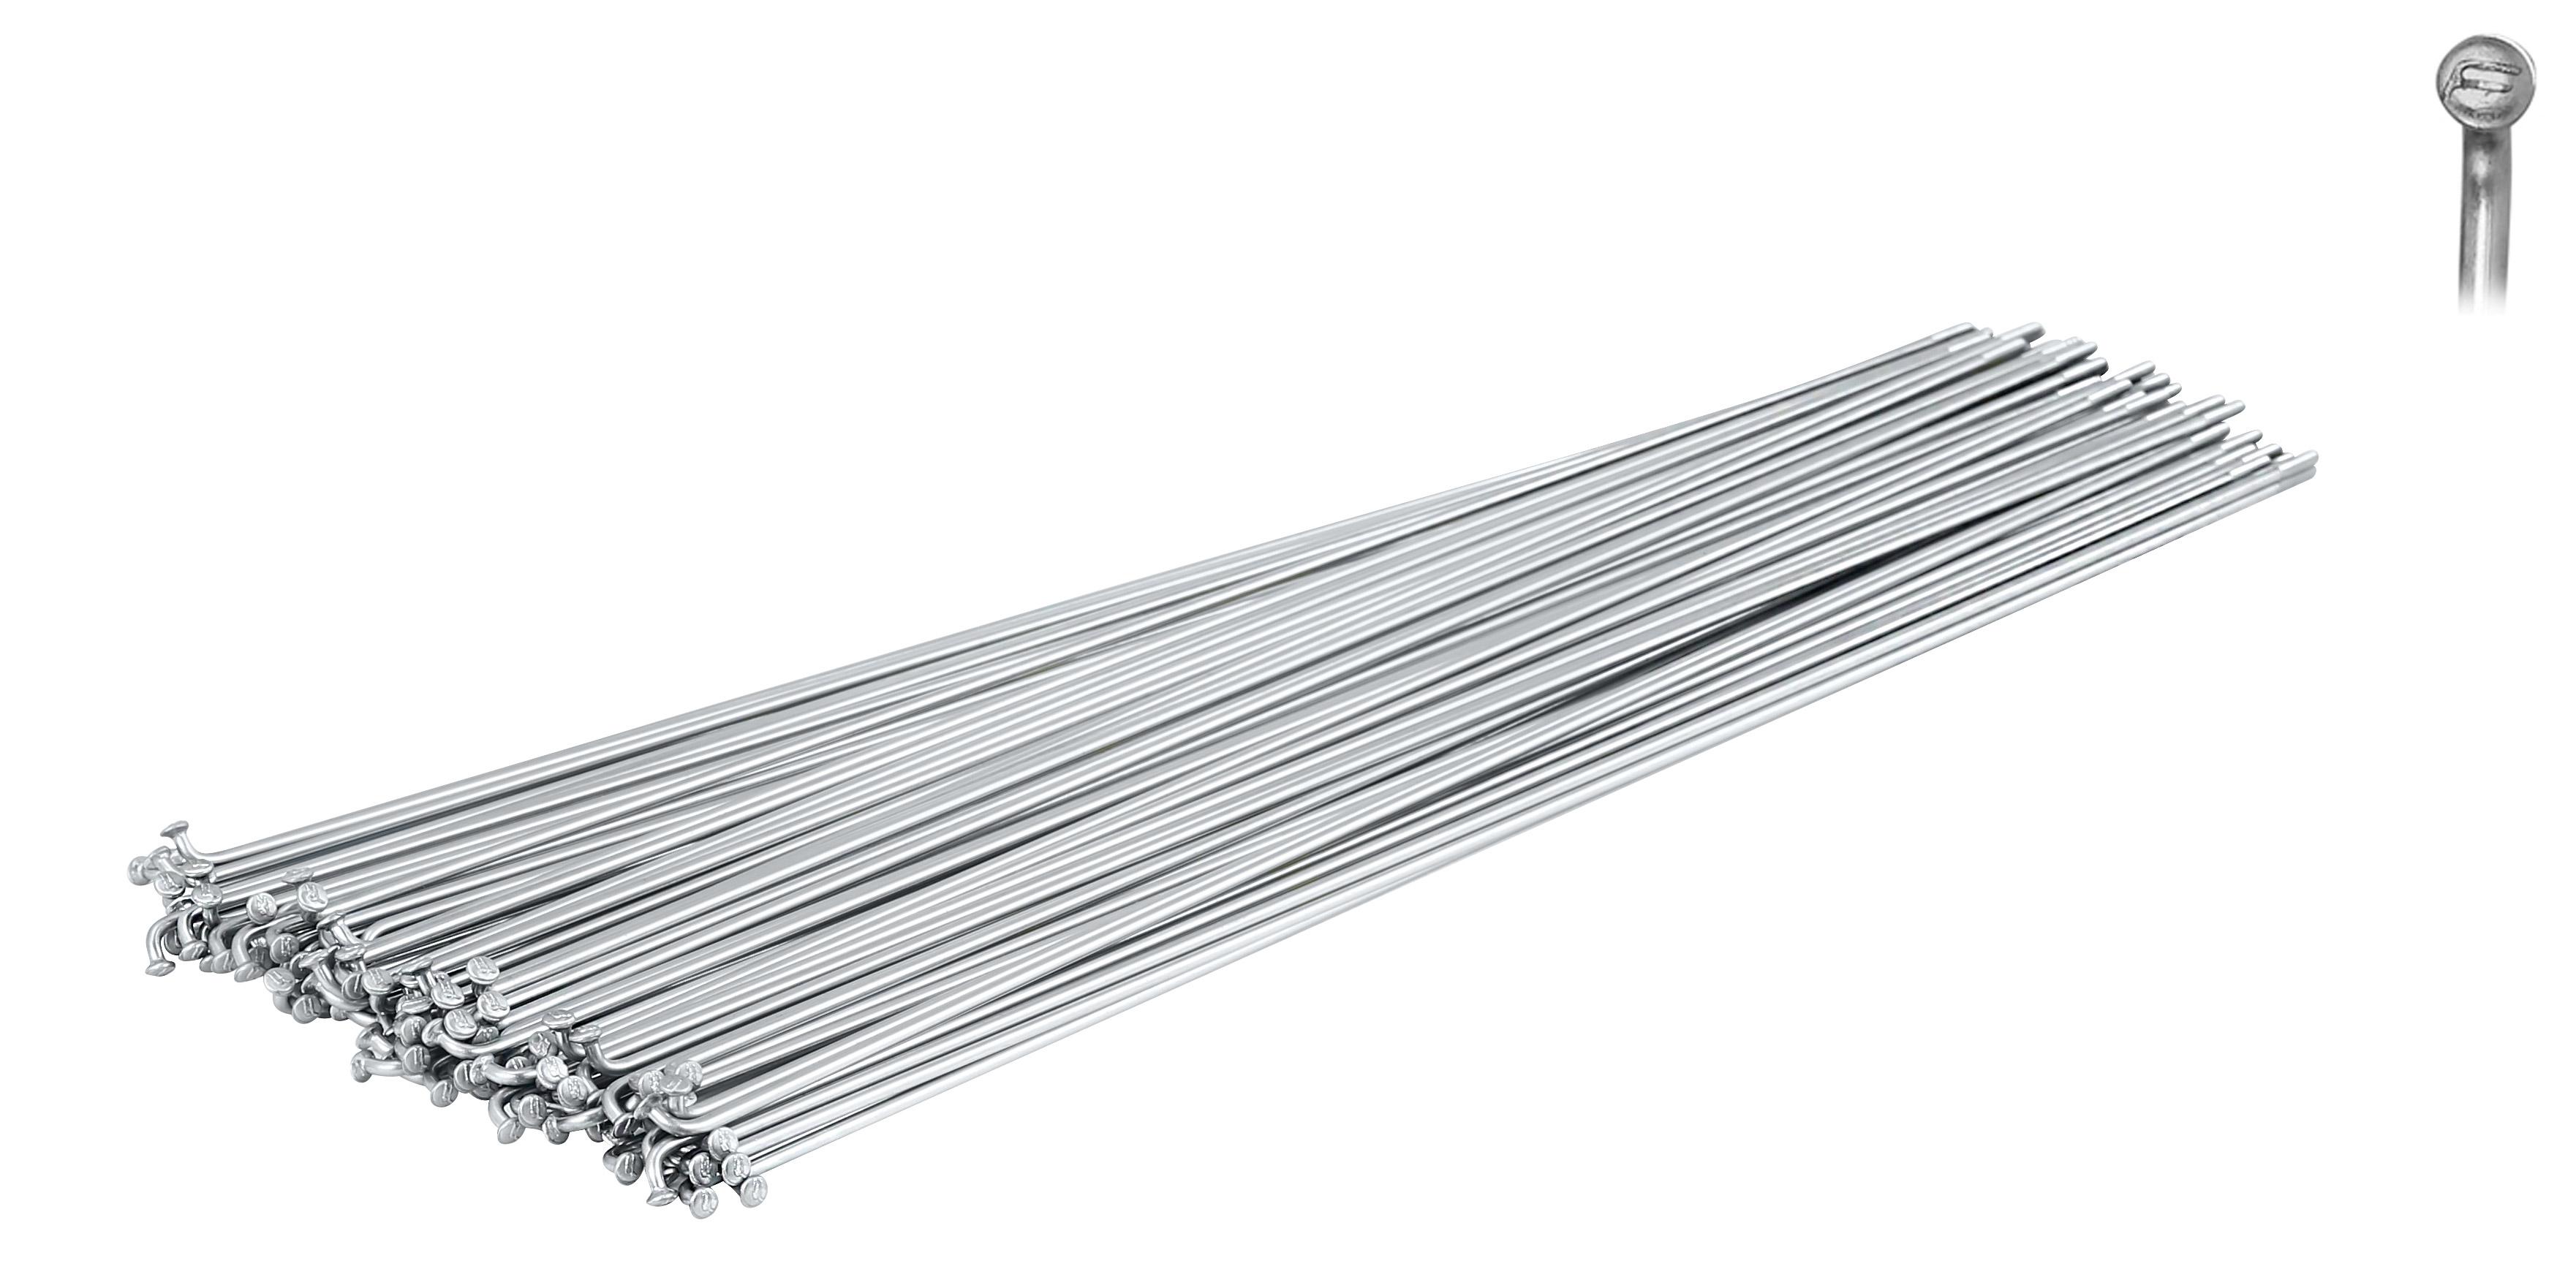 dráty FORCE nerez stříbrné 2 mm x 288 mm